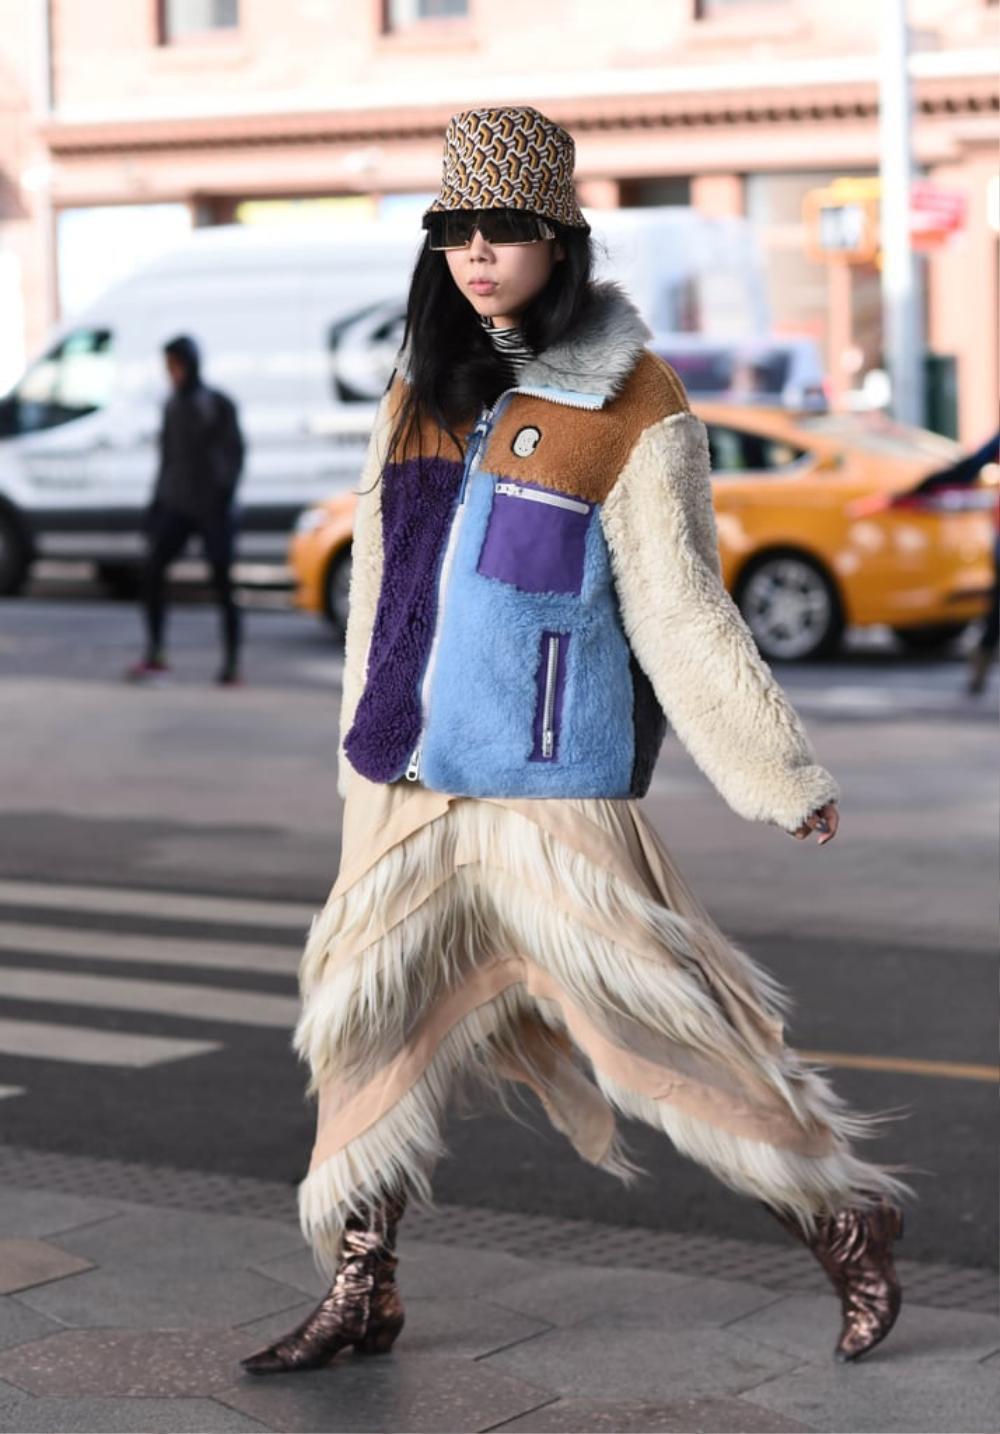 Thu/đông 2020: Fashionista khắp thế giới rộn ràng trong bữa tiệc thời trang lông vũ Ảnh 27